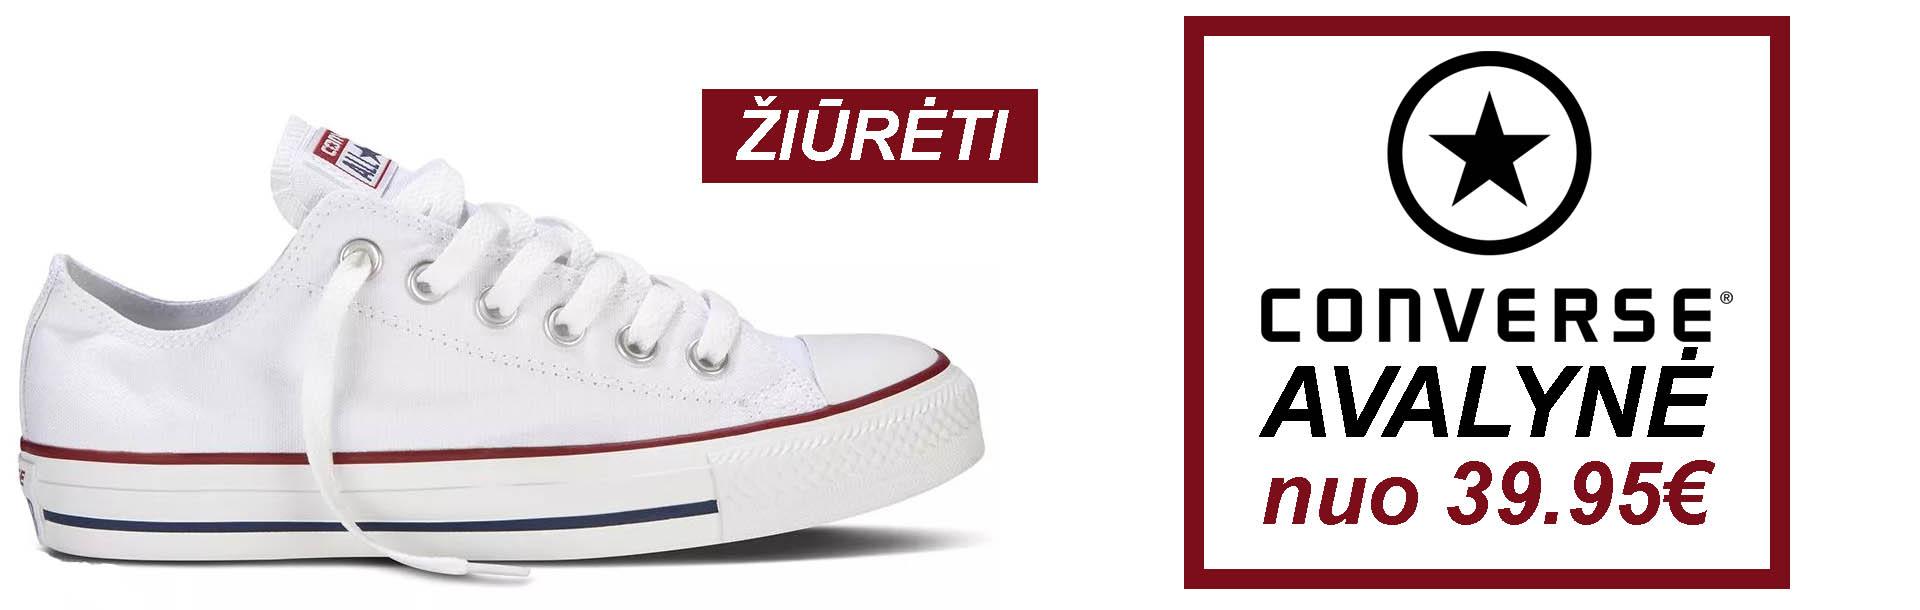 Converse batai geromis kainomis